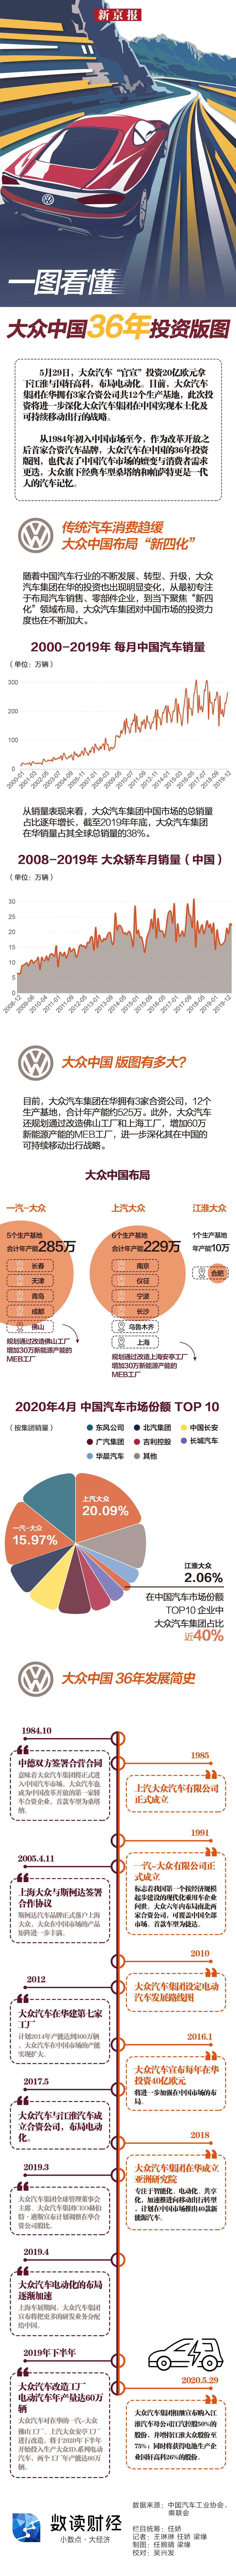 一图看懂 | 大众中国36年投资版图图片